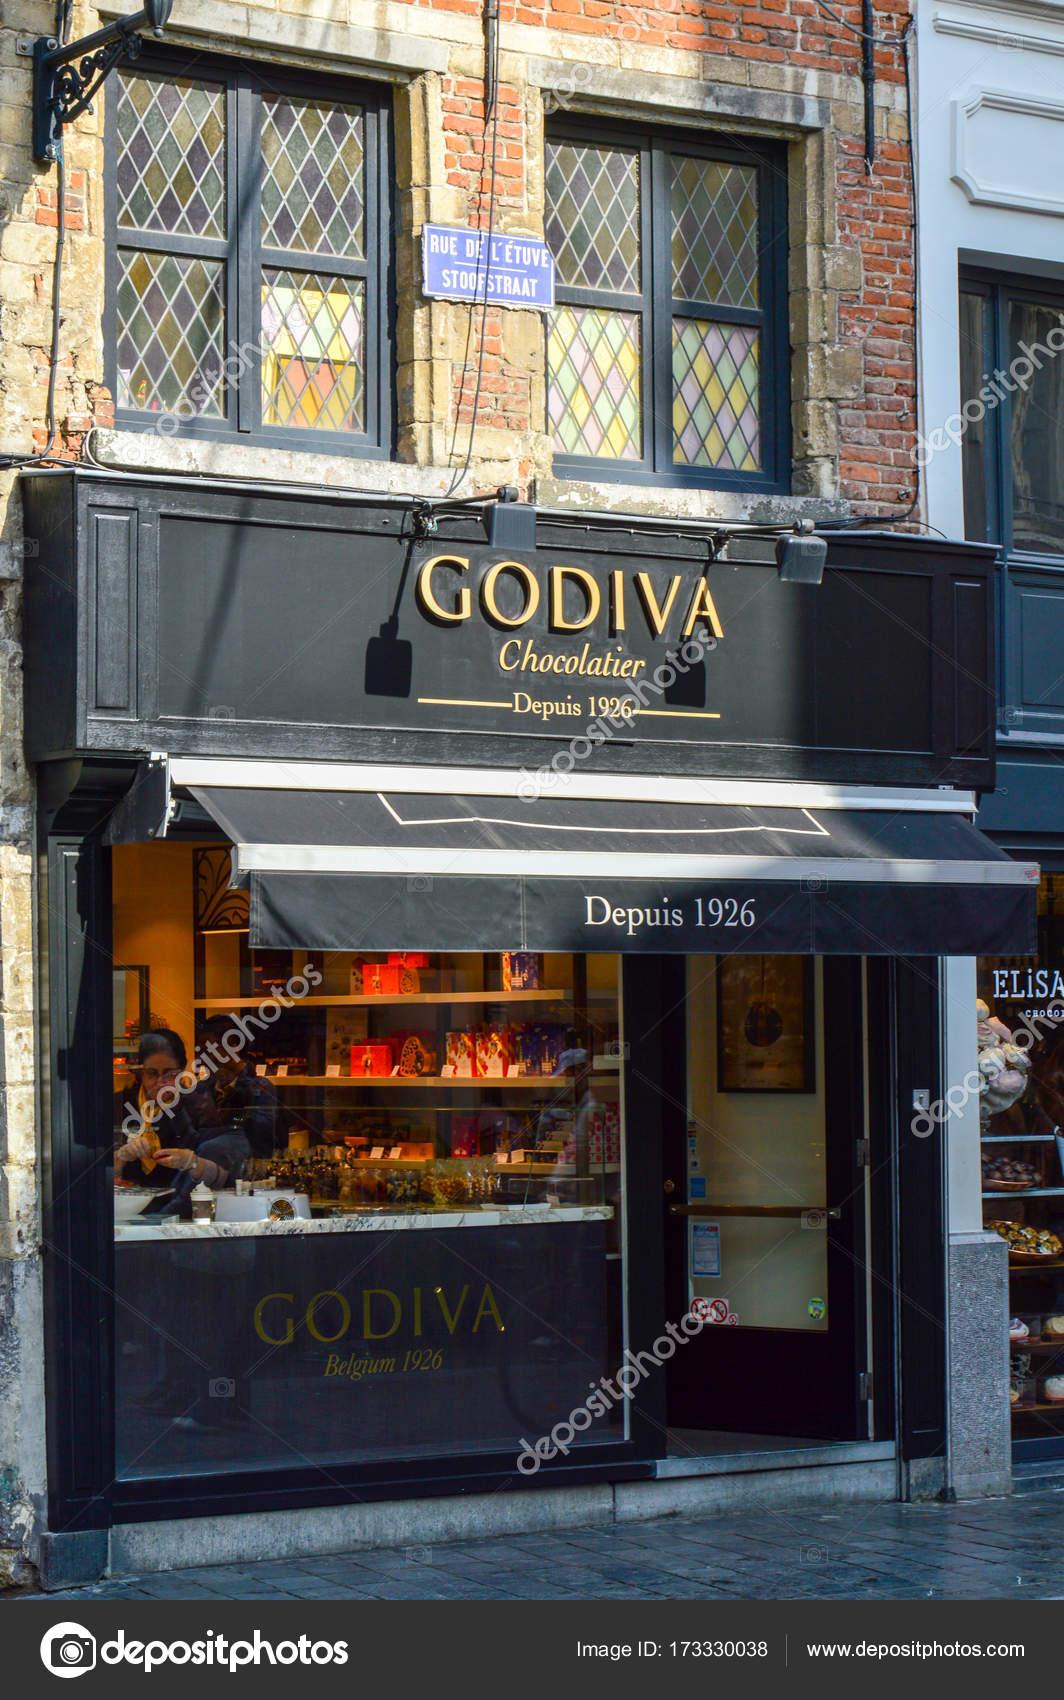 Brussels, Belgium - April 2015: Outlet of Godiva, a manufacturer of ...